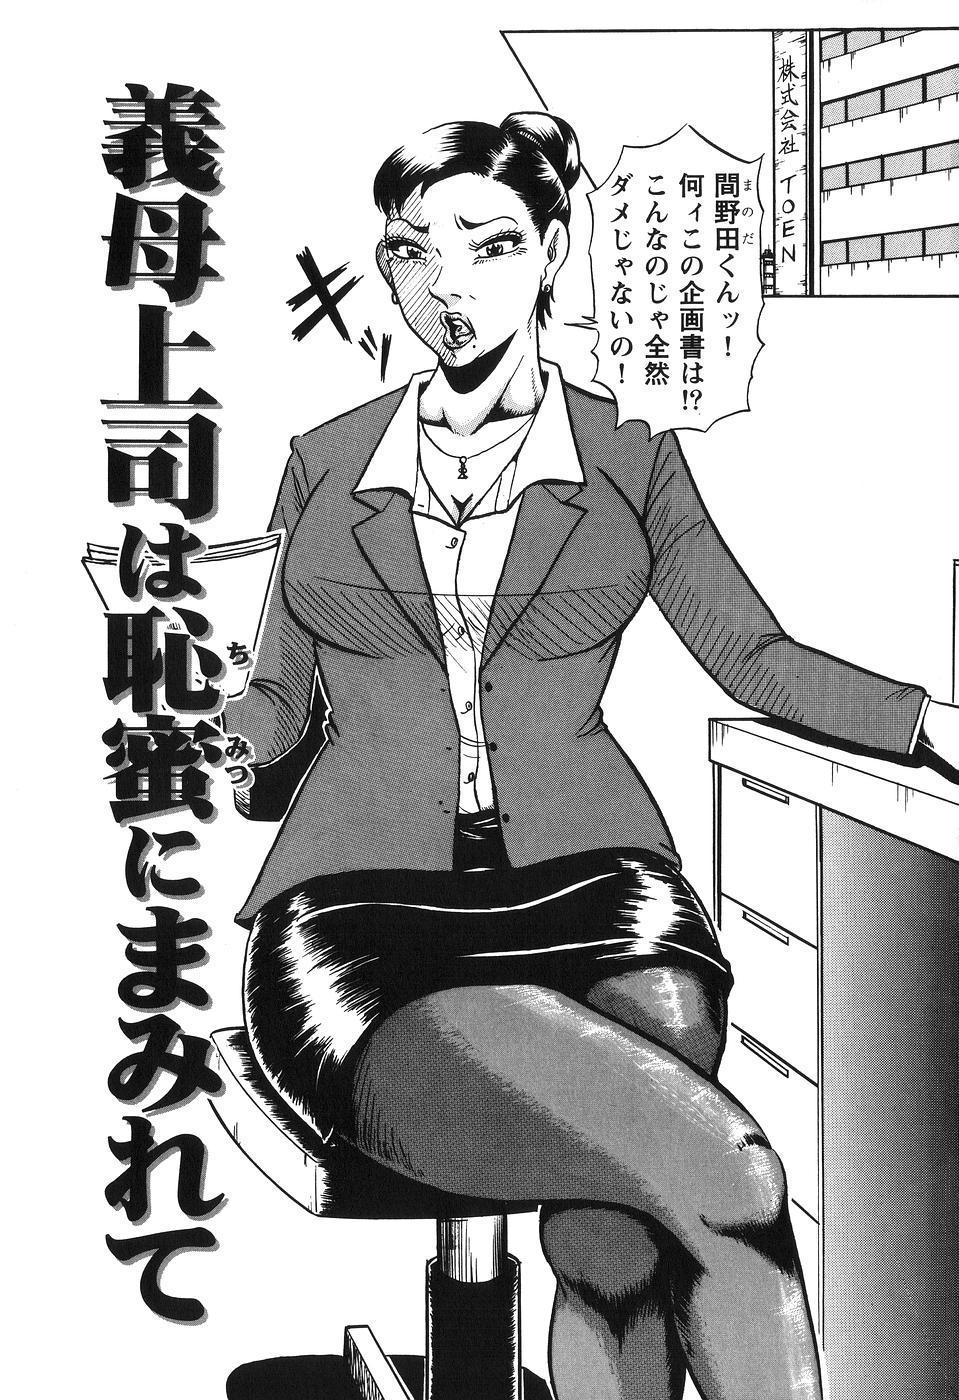 Jukubo Soukan Yosoji no Tawamure 86